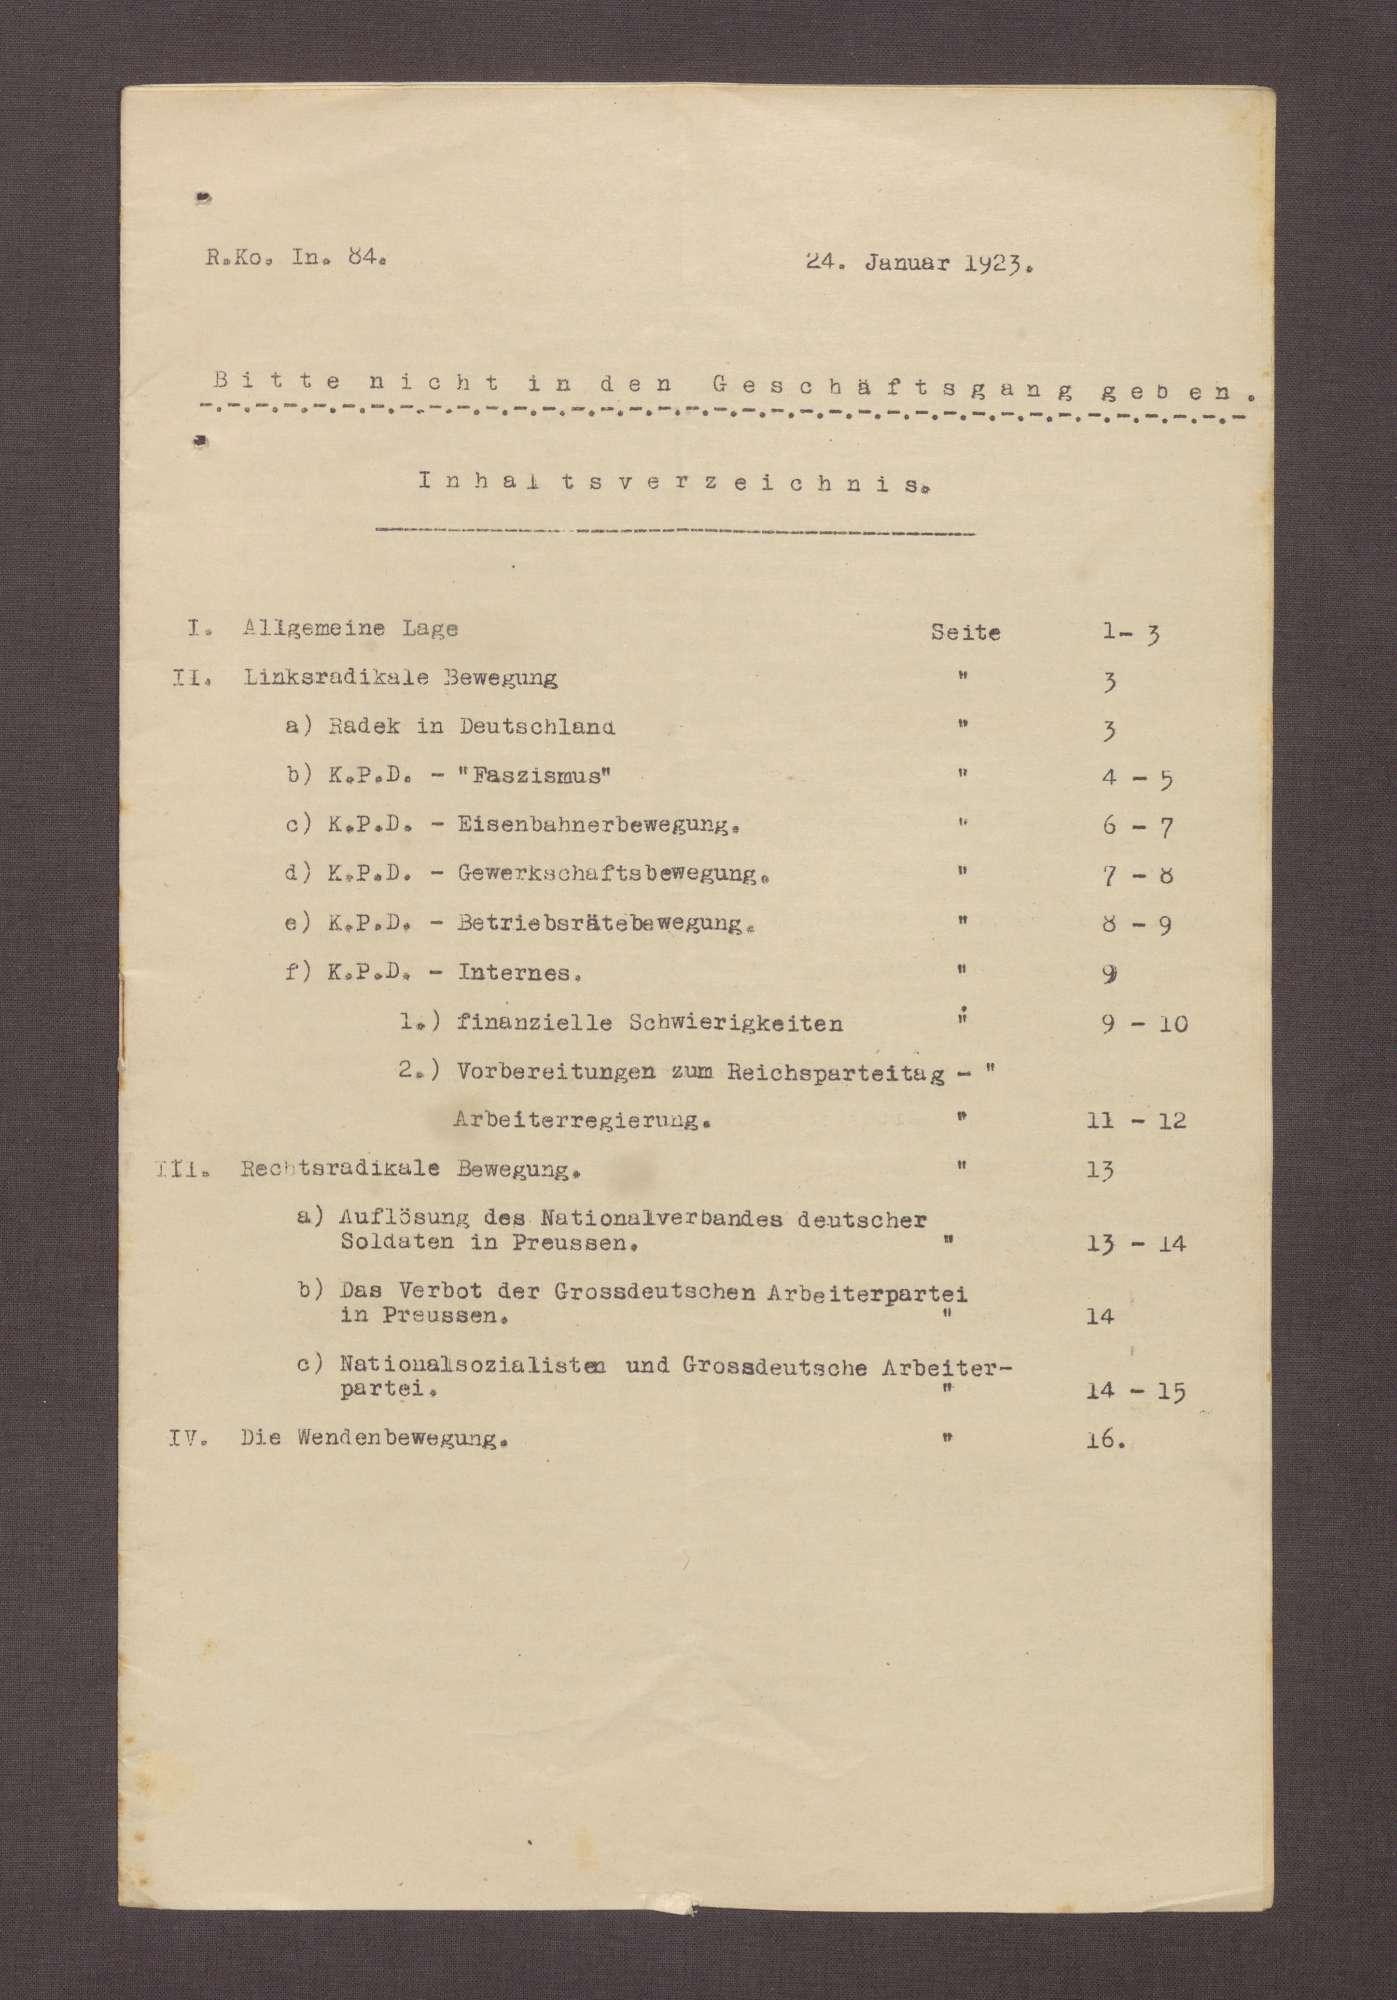 Lageberichte des Reichskommissars für Überwachung der öffentlichen Ordnung, Nr. 84, Bild 1